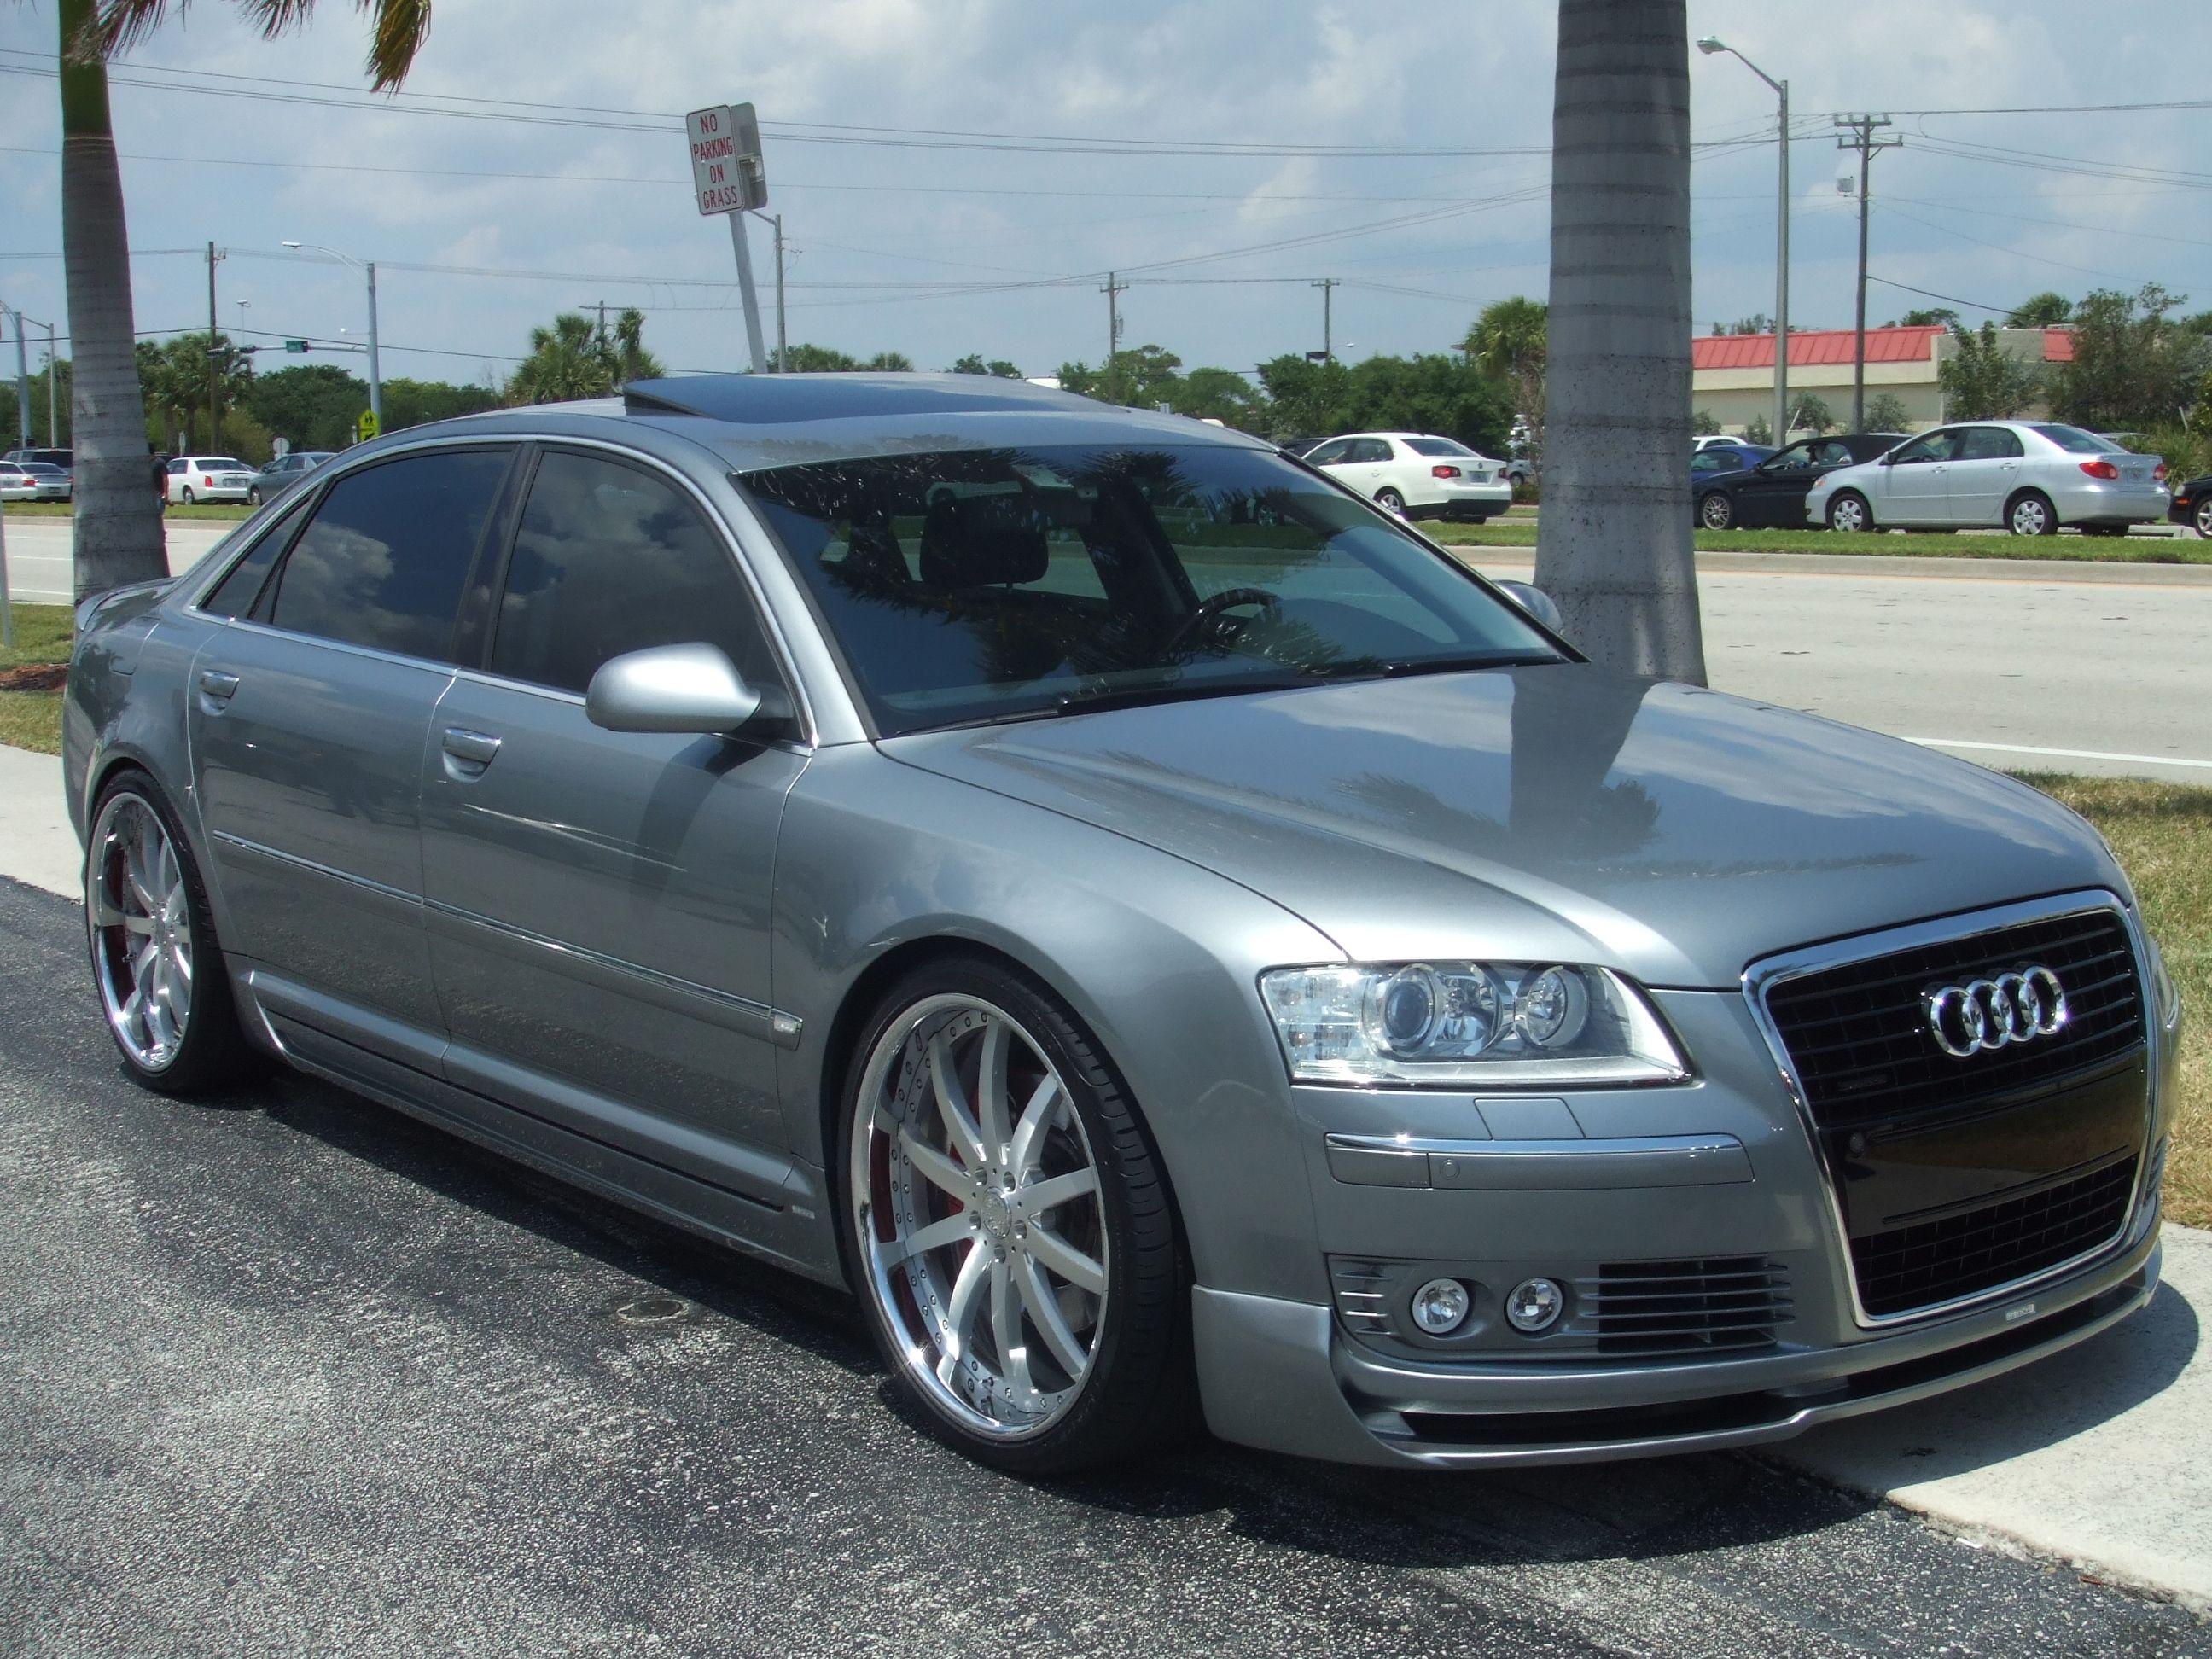 Kelebihan Kekurangan Audi A8 2007 Top Model Tahun Ini